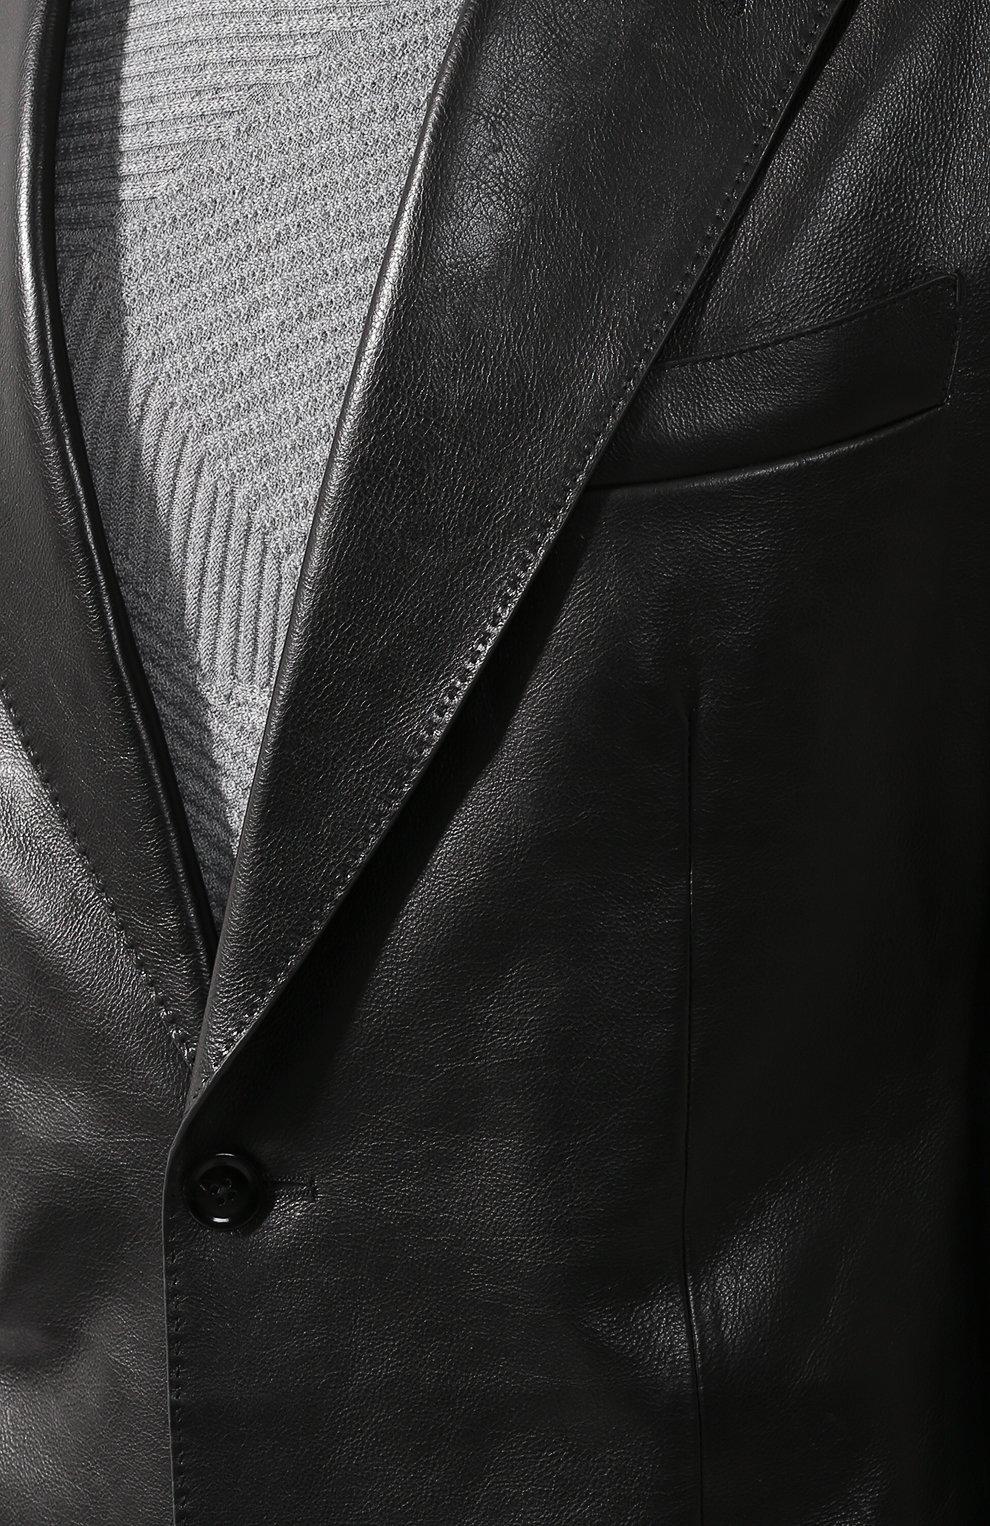 Мужской кожаный пиджак TOM FORD черного цвета, арт. BR481/TFL701 | Фото 5 (Рукава: Длинные; Случай: Повседневный; Длина (для топов): Стандартные; Стили: Гранж, Кэжуэл; 1-2-бортные: Однобортные; Пиджаки М: Приталенный)